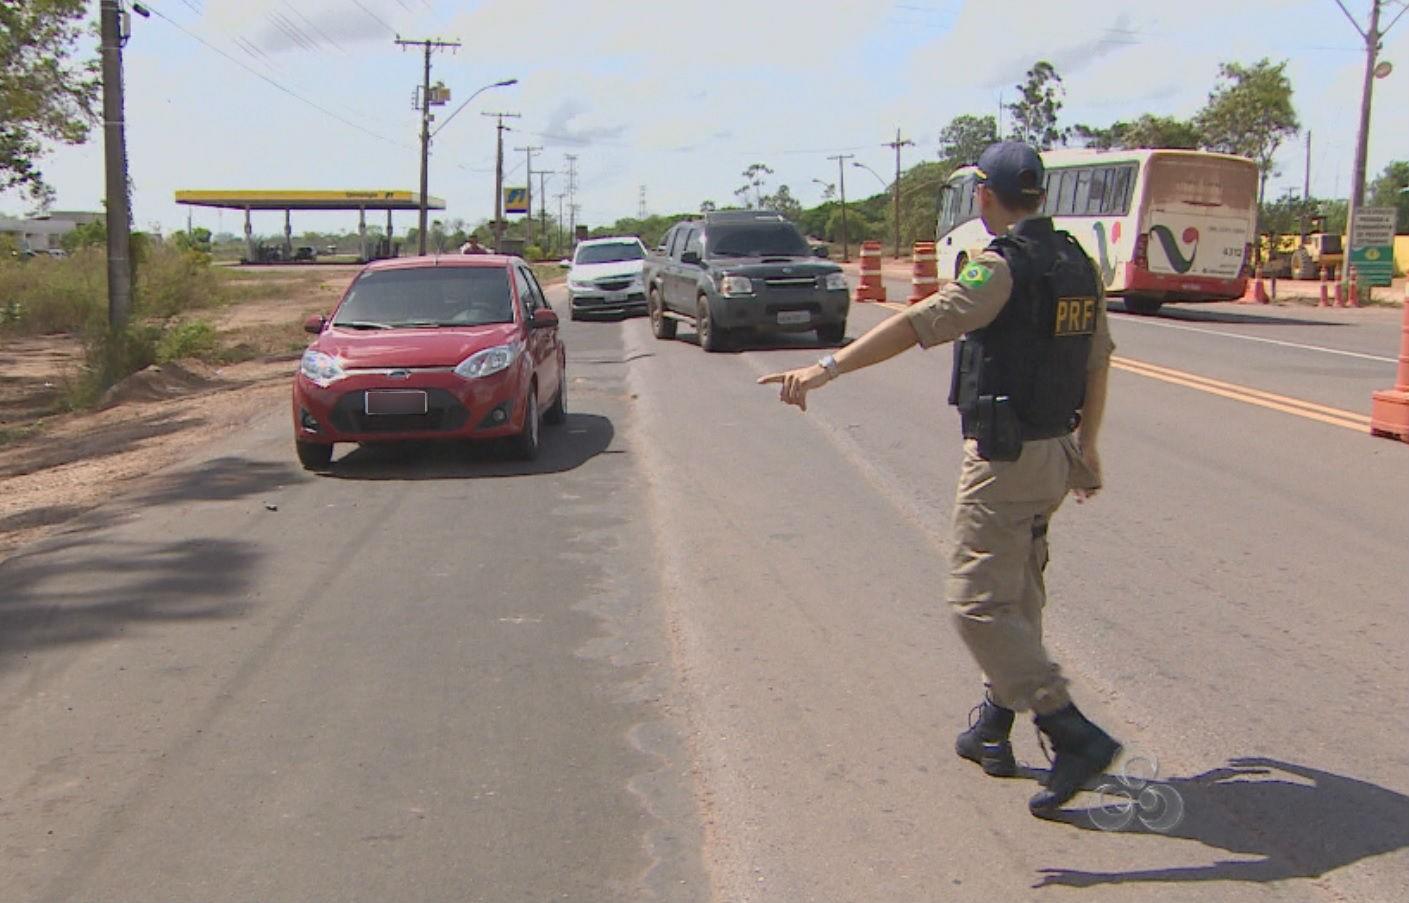 PRF intensifica fiscalização nas rodovias federais do AP na 'Operação Semana Santa'